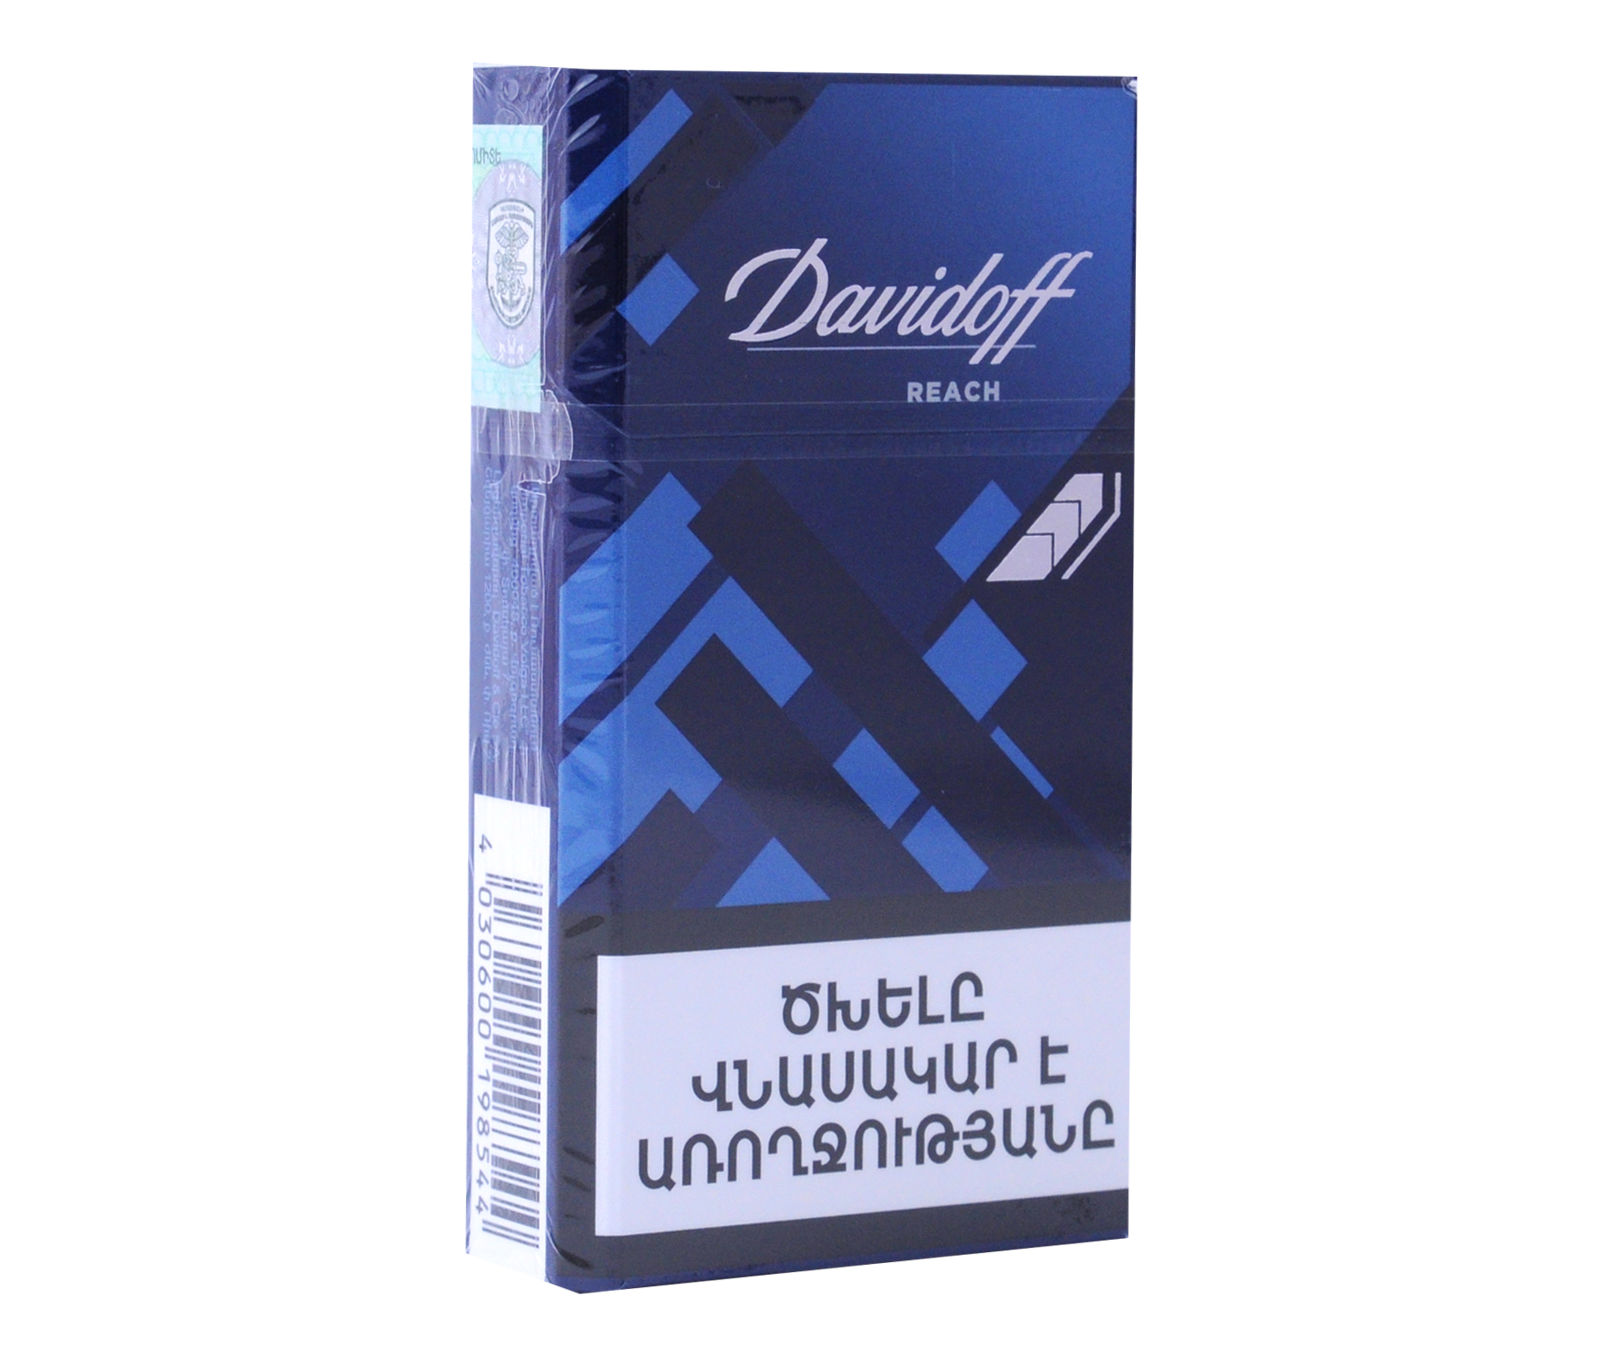 Сигареты давидофф рич купить для торговли табачными изделиями нужна ли лицензия